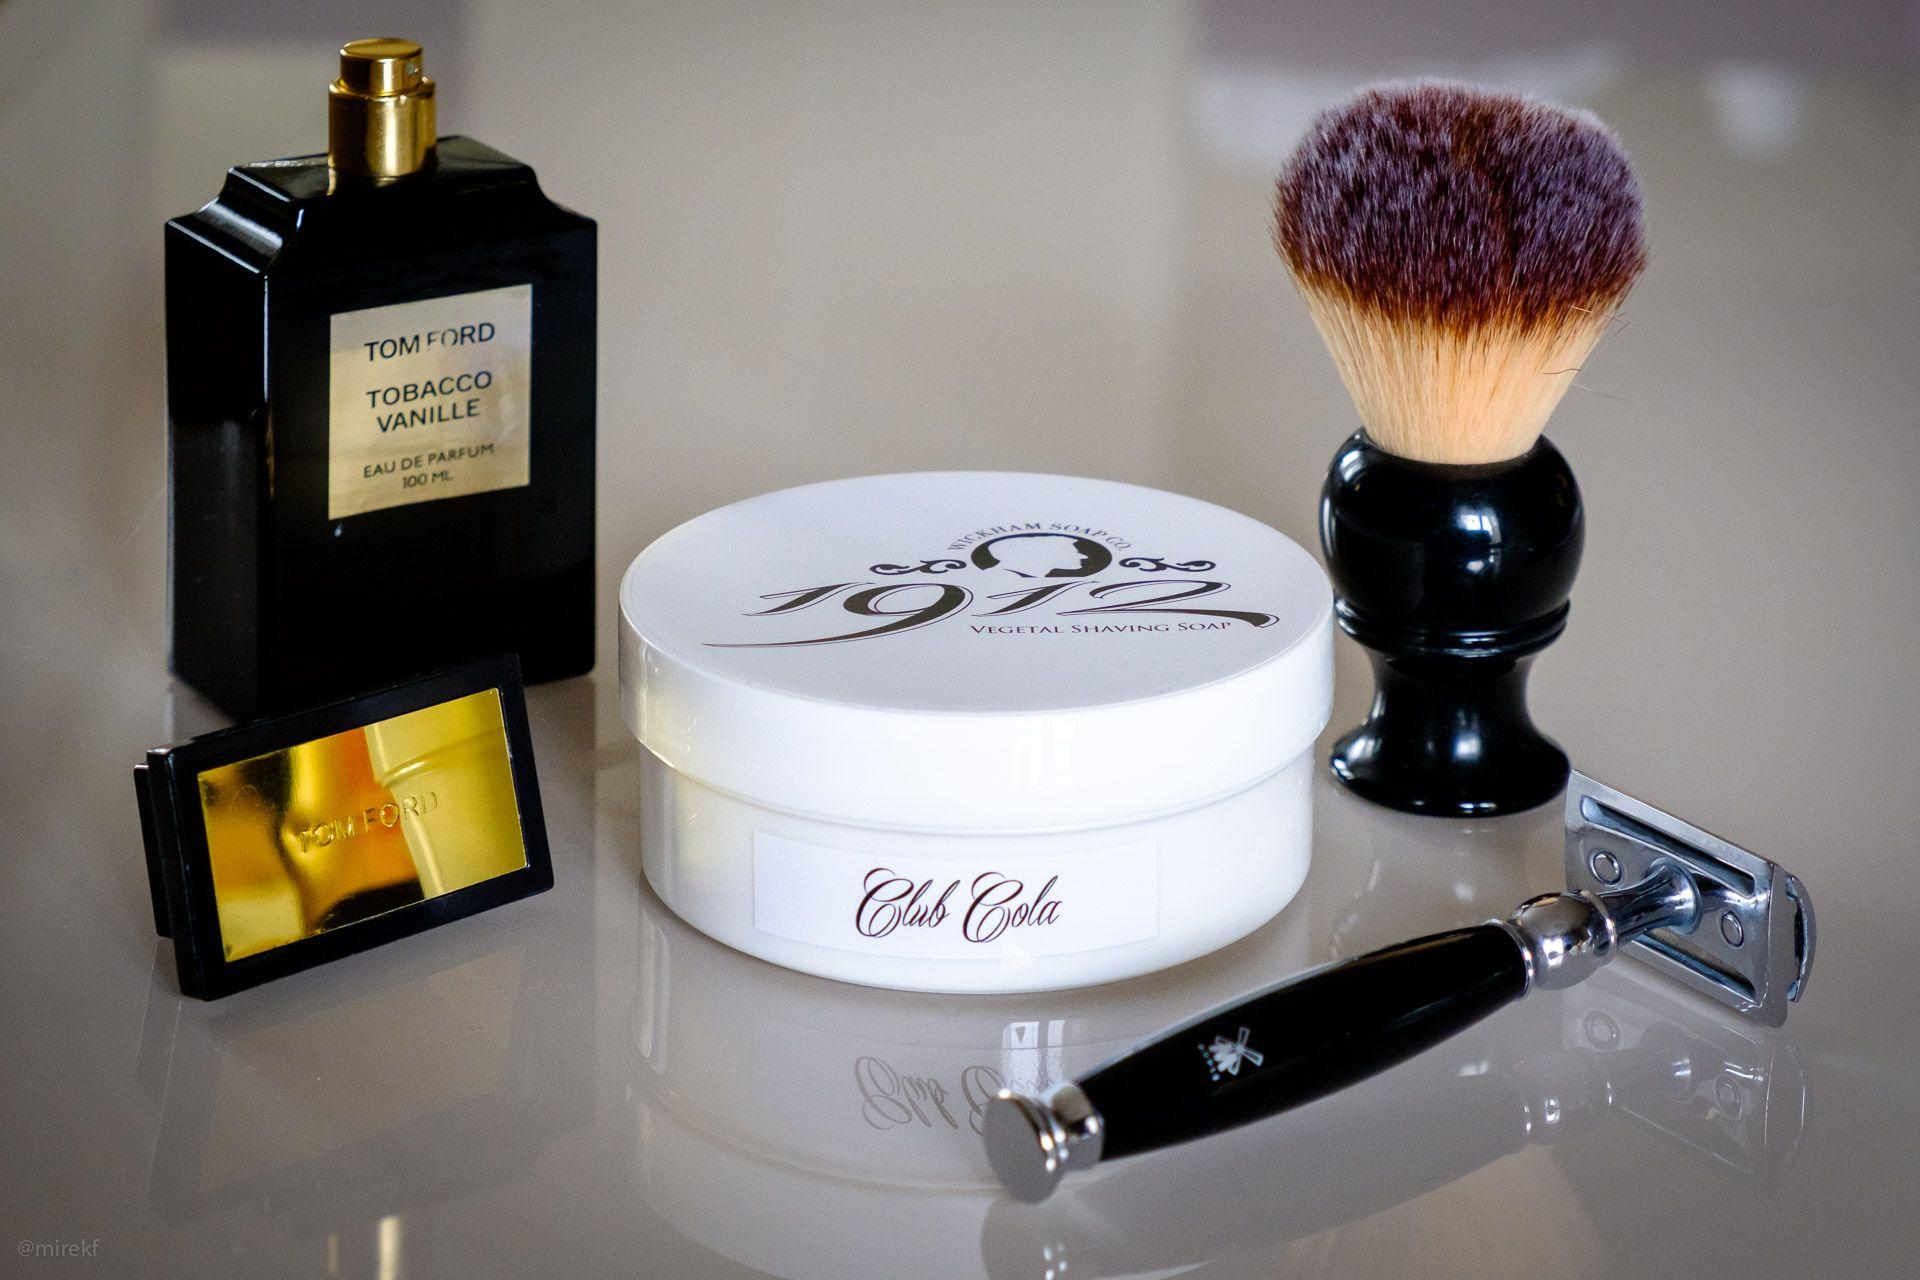 Opakowanie mydła do golenia Wickham Club Cola Shaving Soap